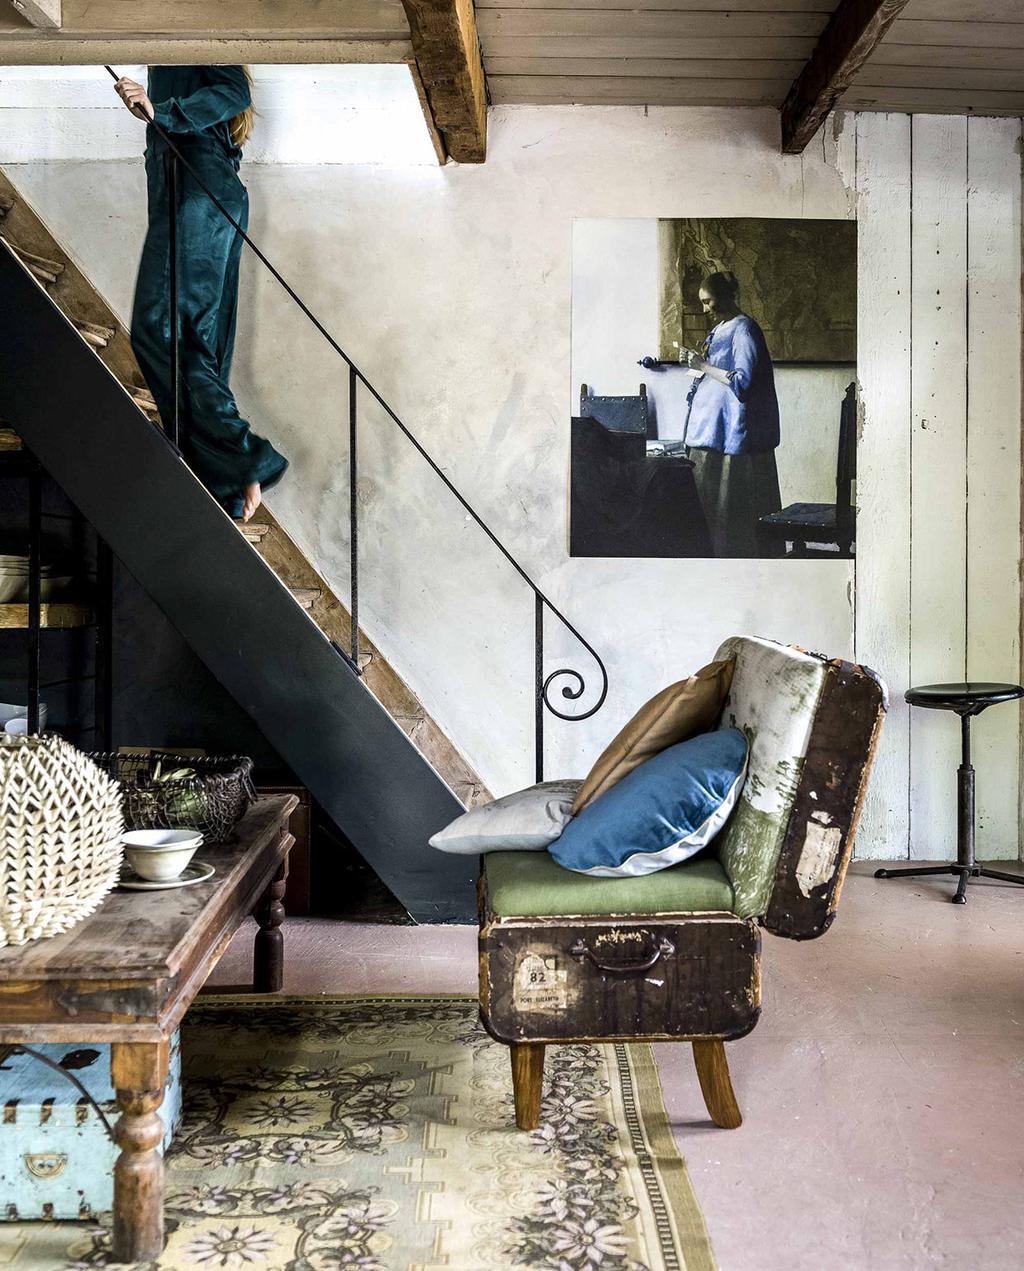 vtwonen 10-2016 | oude trap met vintage spullen, schilderij van vrouw